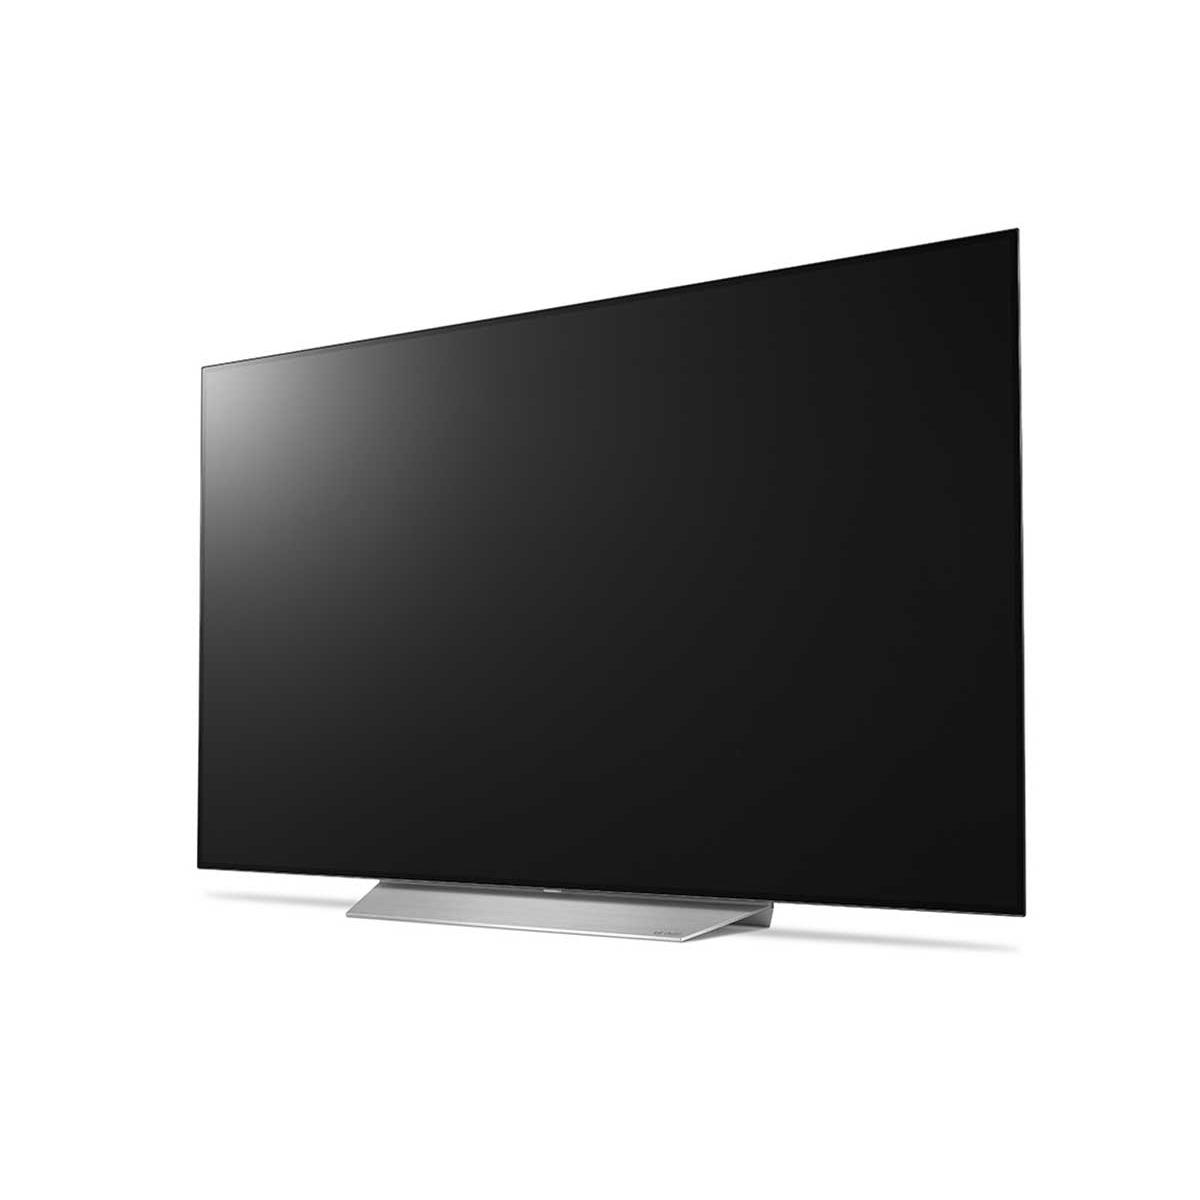 تلویزیون هوشمند ال جی مدل OLED55C7GI سایز 55 اینچ